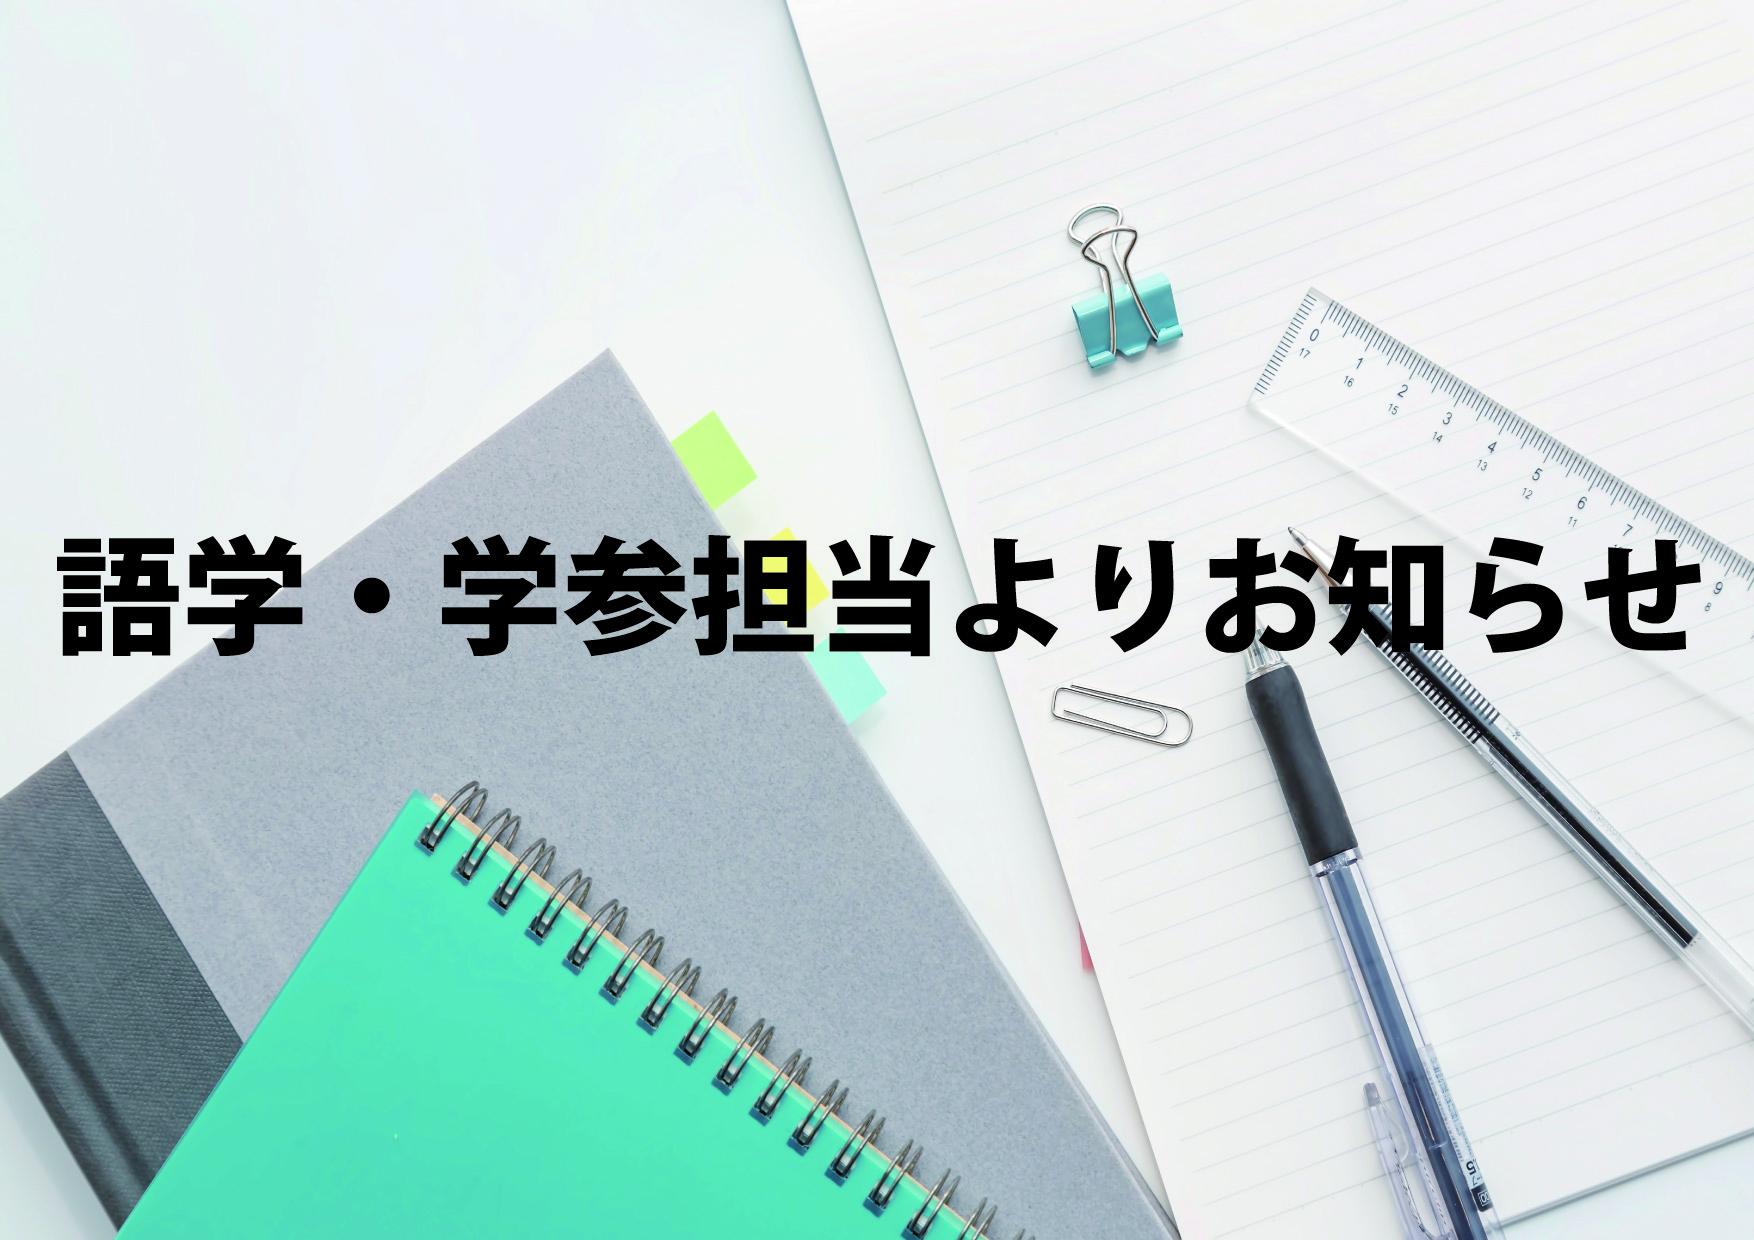 紀伊國屋書店:語学・学参担当ページ